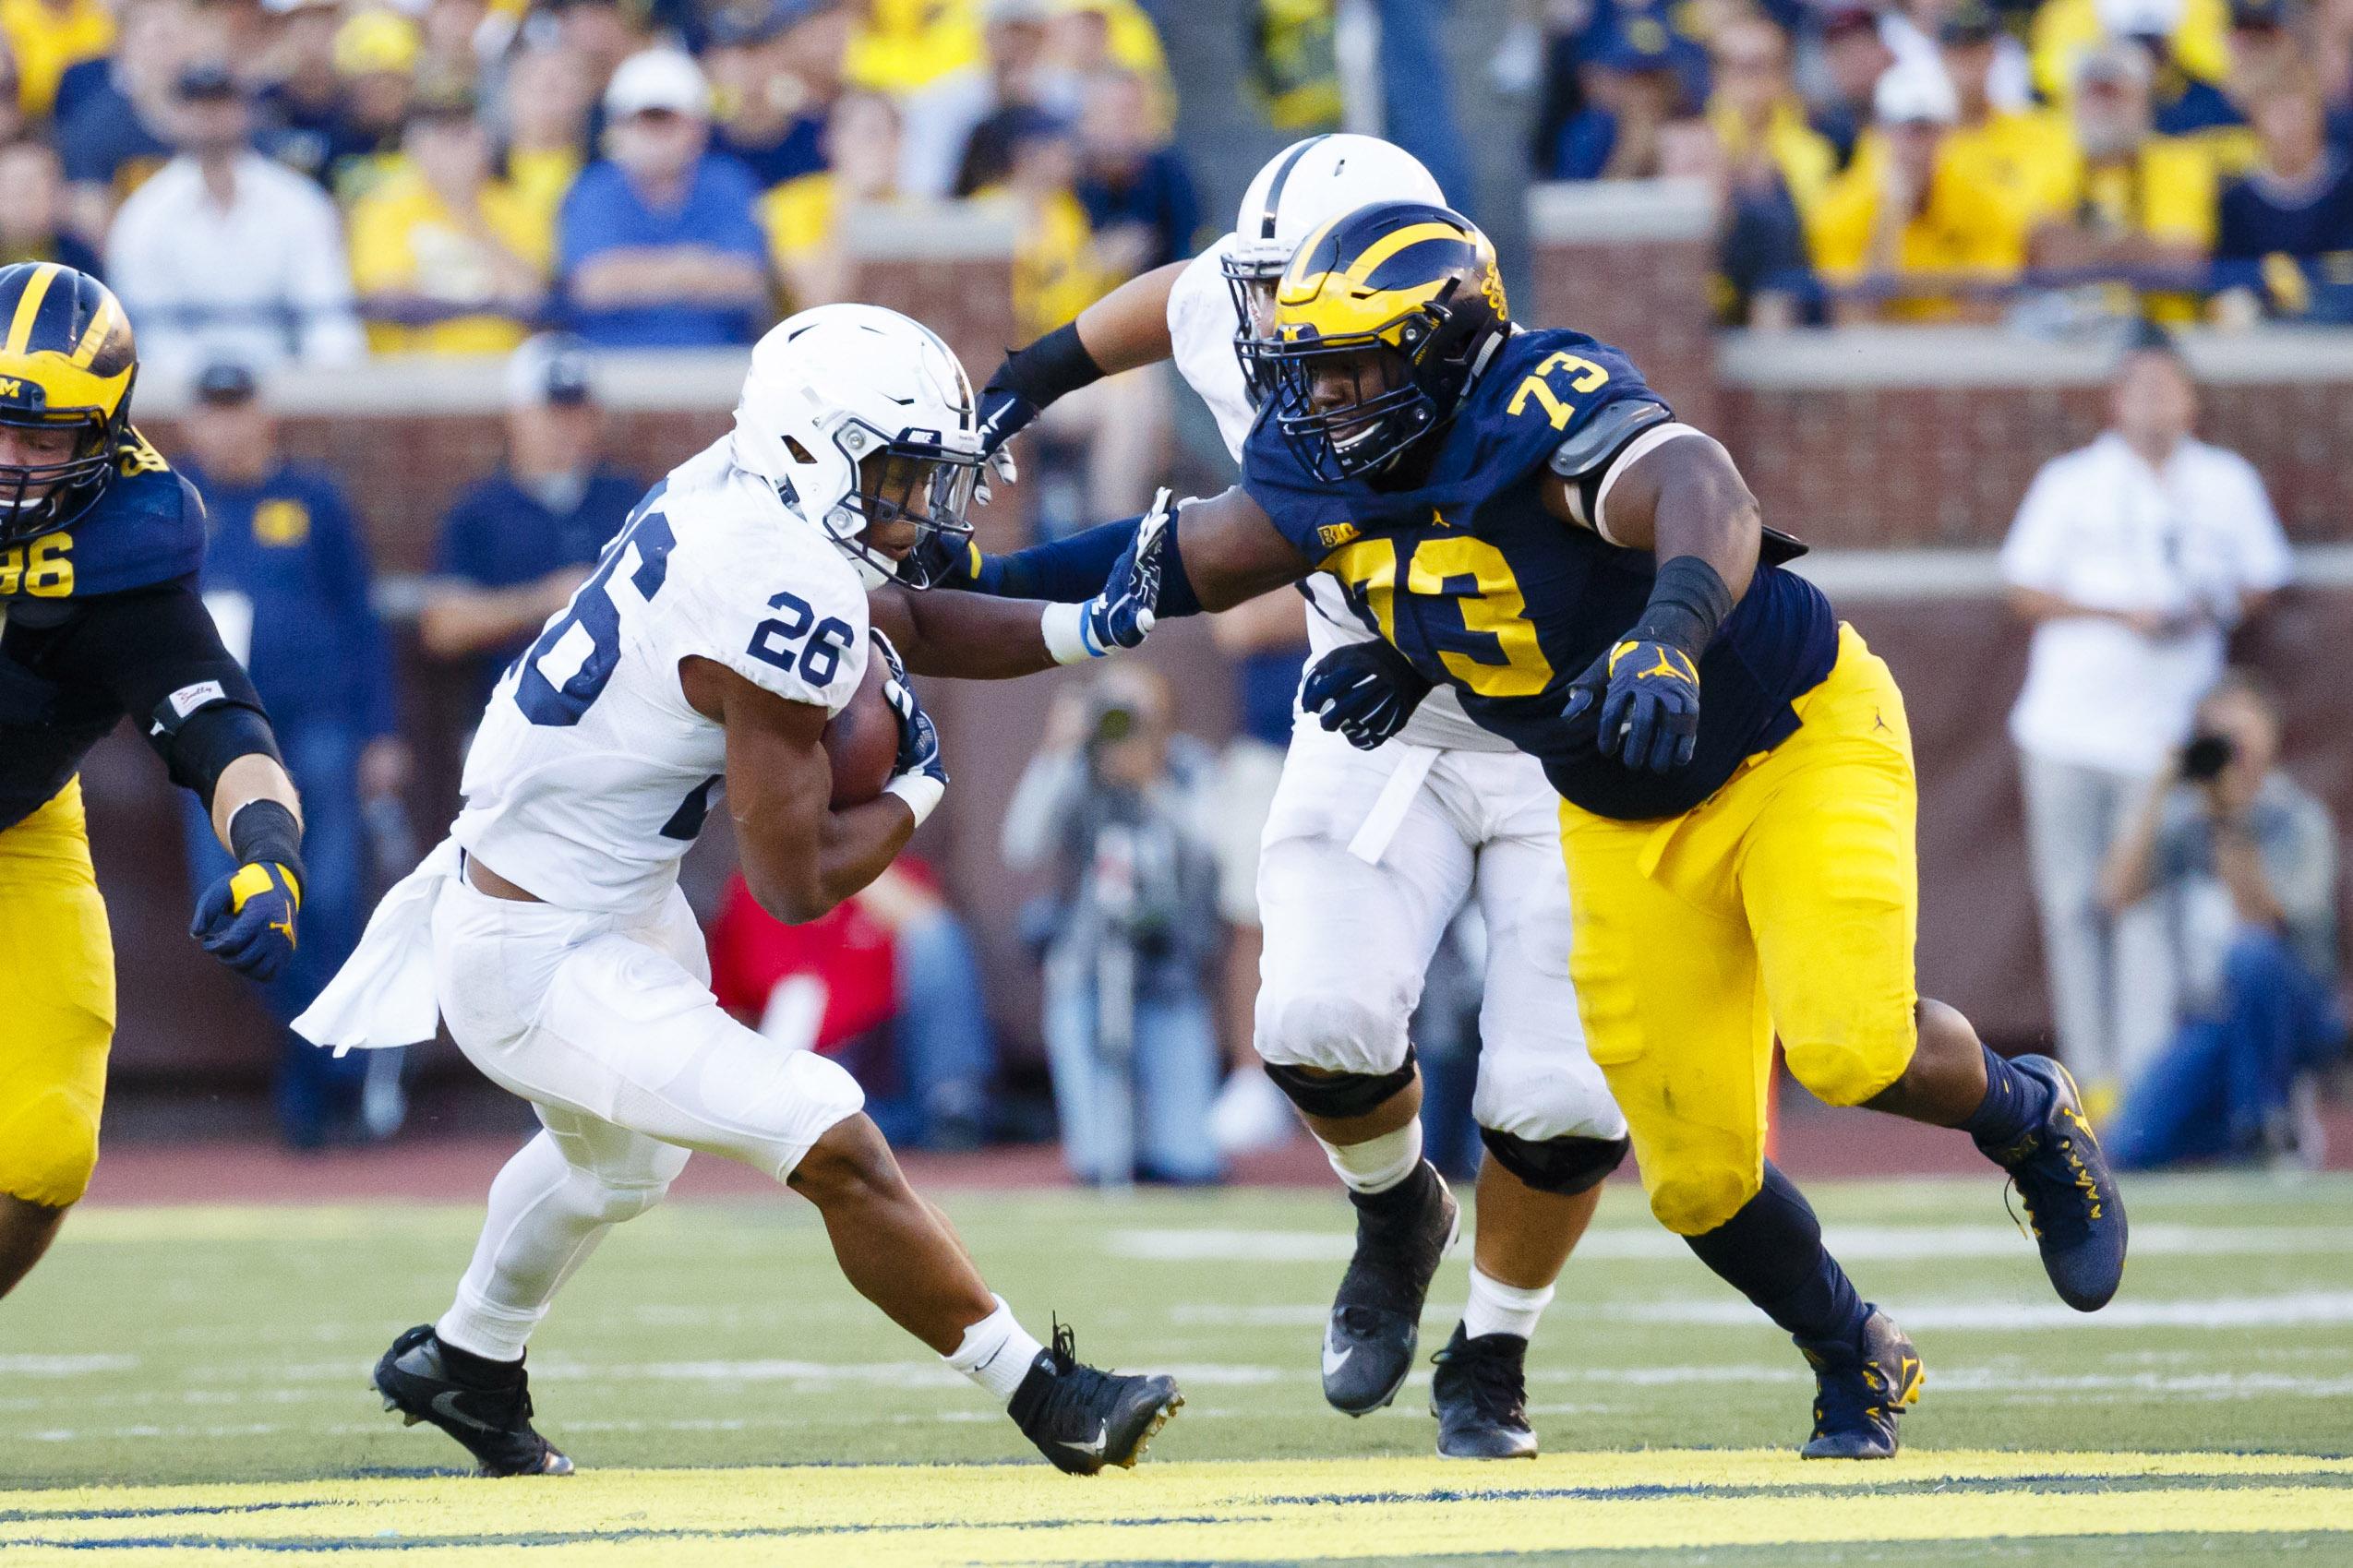 NCAA Football: Penn State at Michigan